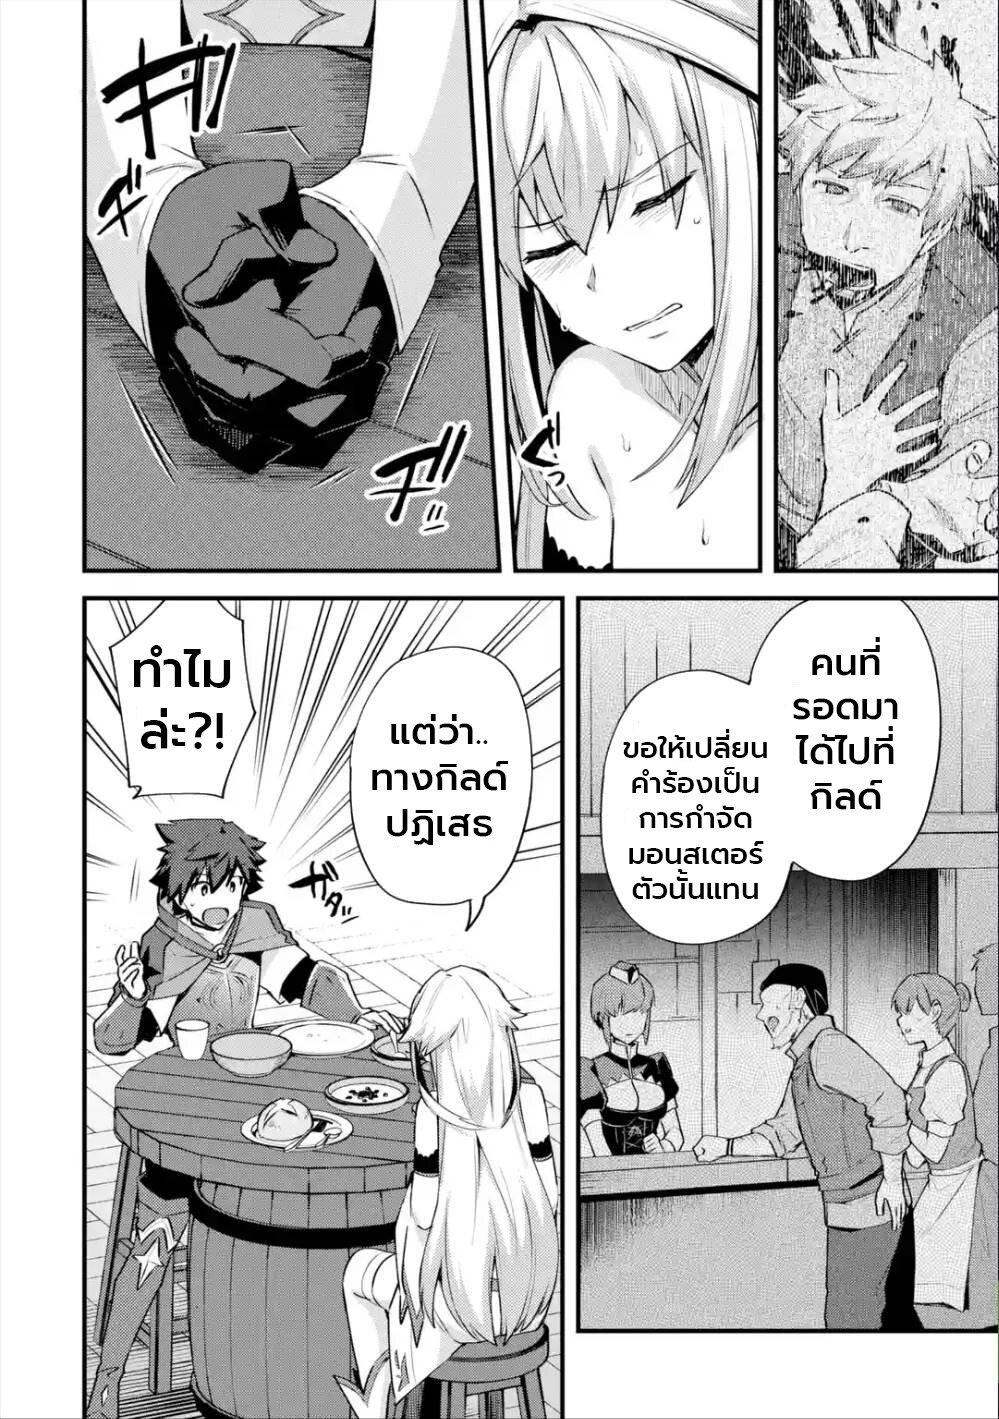 อ่านการ์ตูน Nido Tensei Shita Shounen wa S Rank Boukensha Toshite Heion ni Sugosu-zense ga kenja de eiyuu datta boku wa raisede wa jimini ikiru ตอนที่ 20 หน้าที่ 13